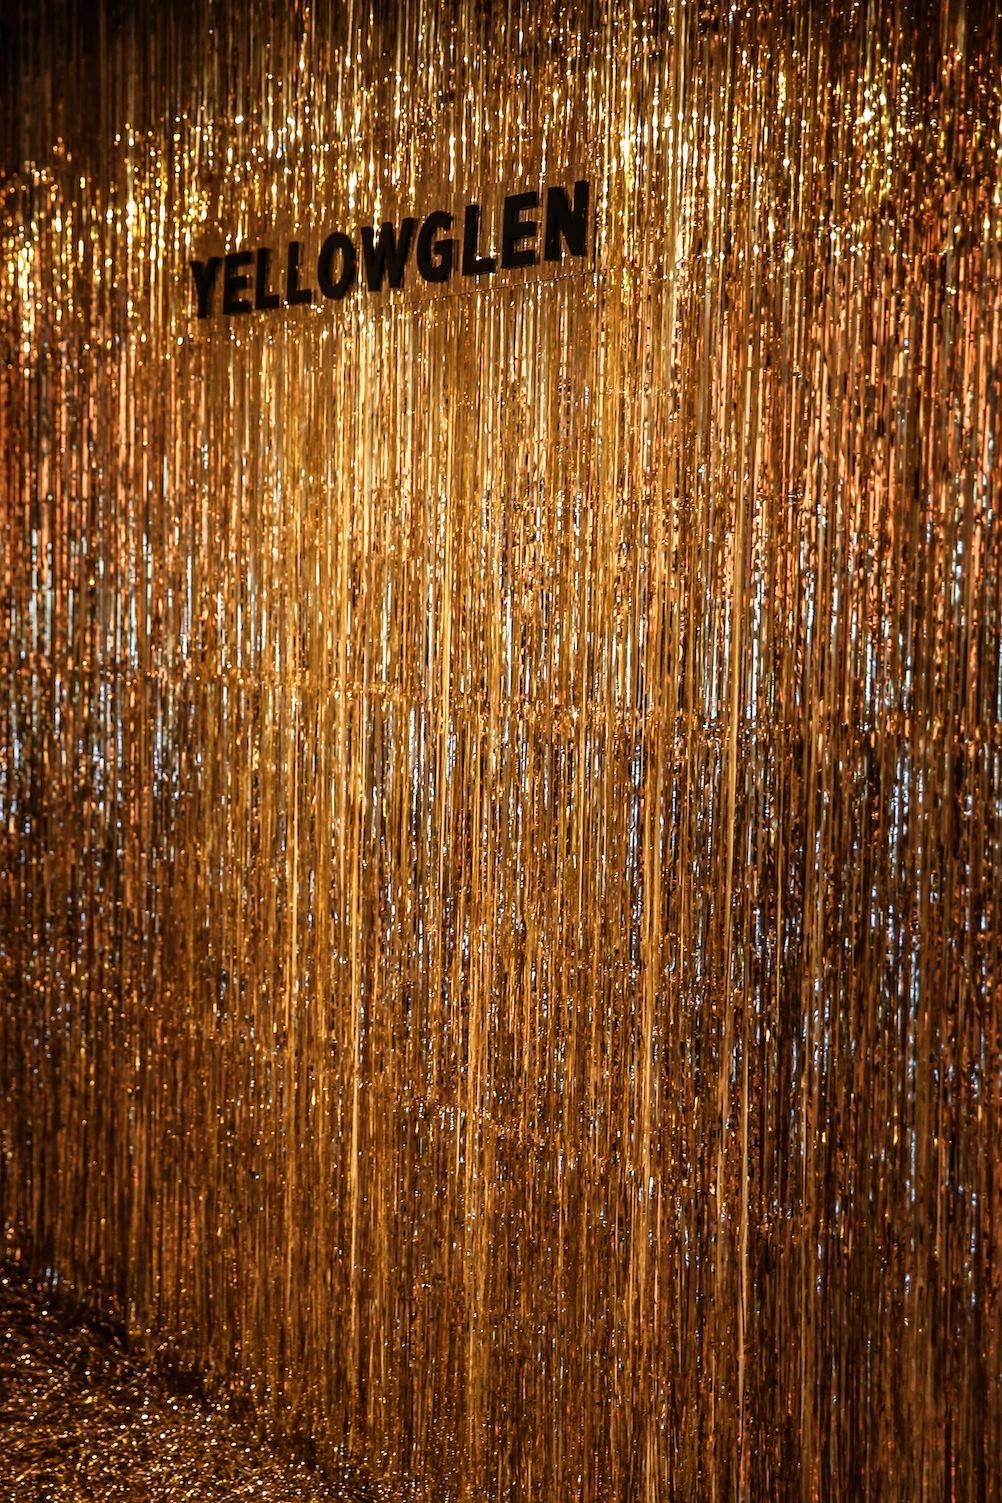 yellowglen-sparkle-launch-9.jpg